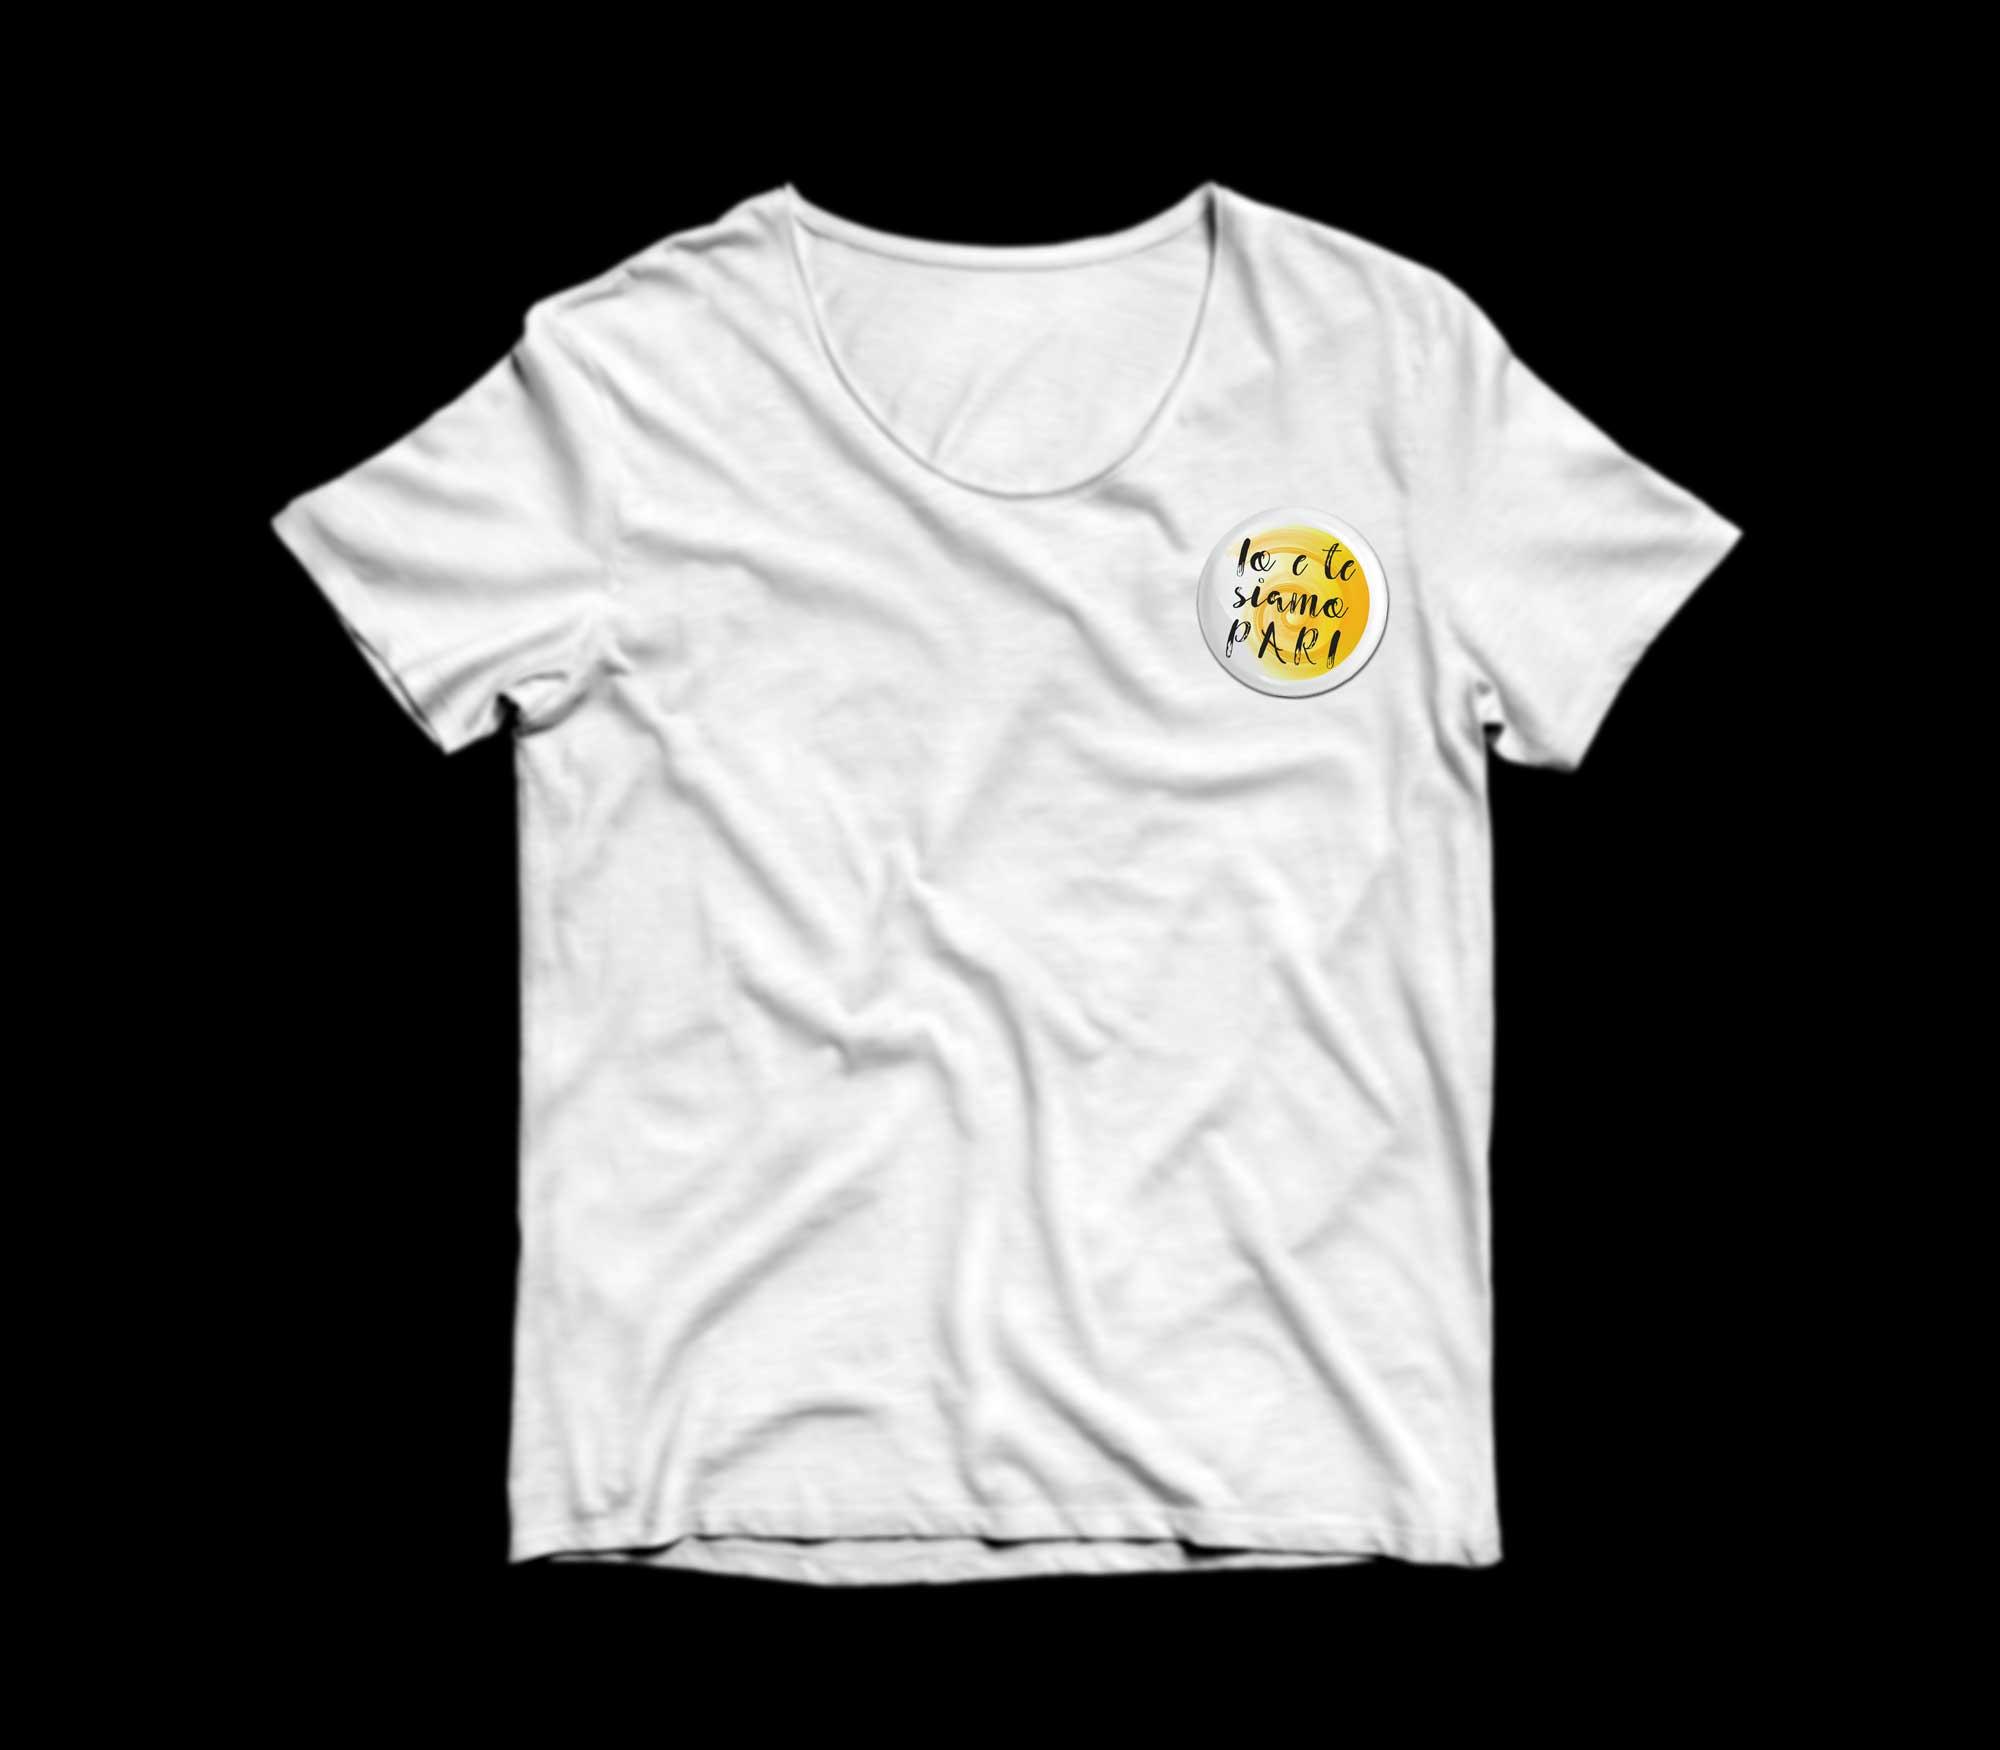 """Stampa su t-shirt bianca per """"Io e te siamo pari"""""""